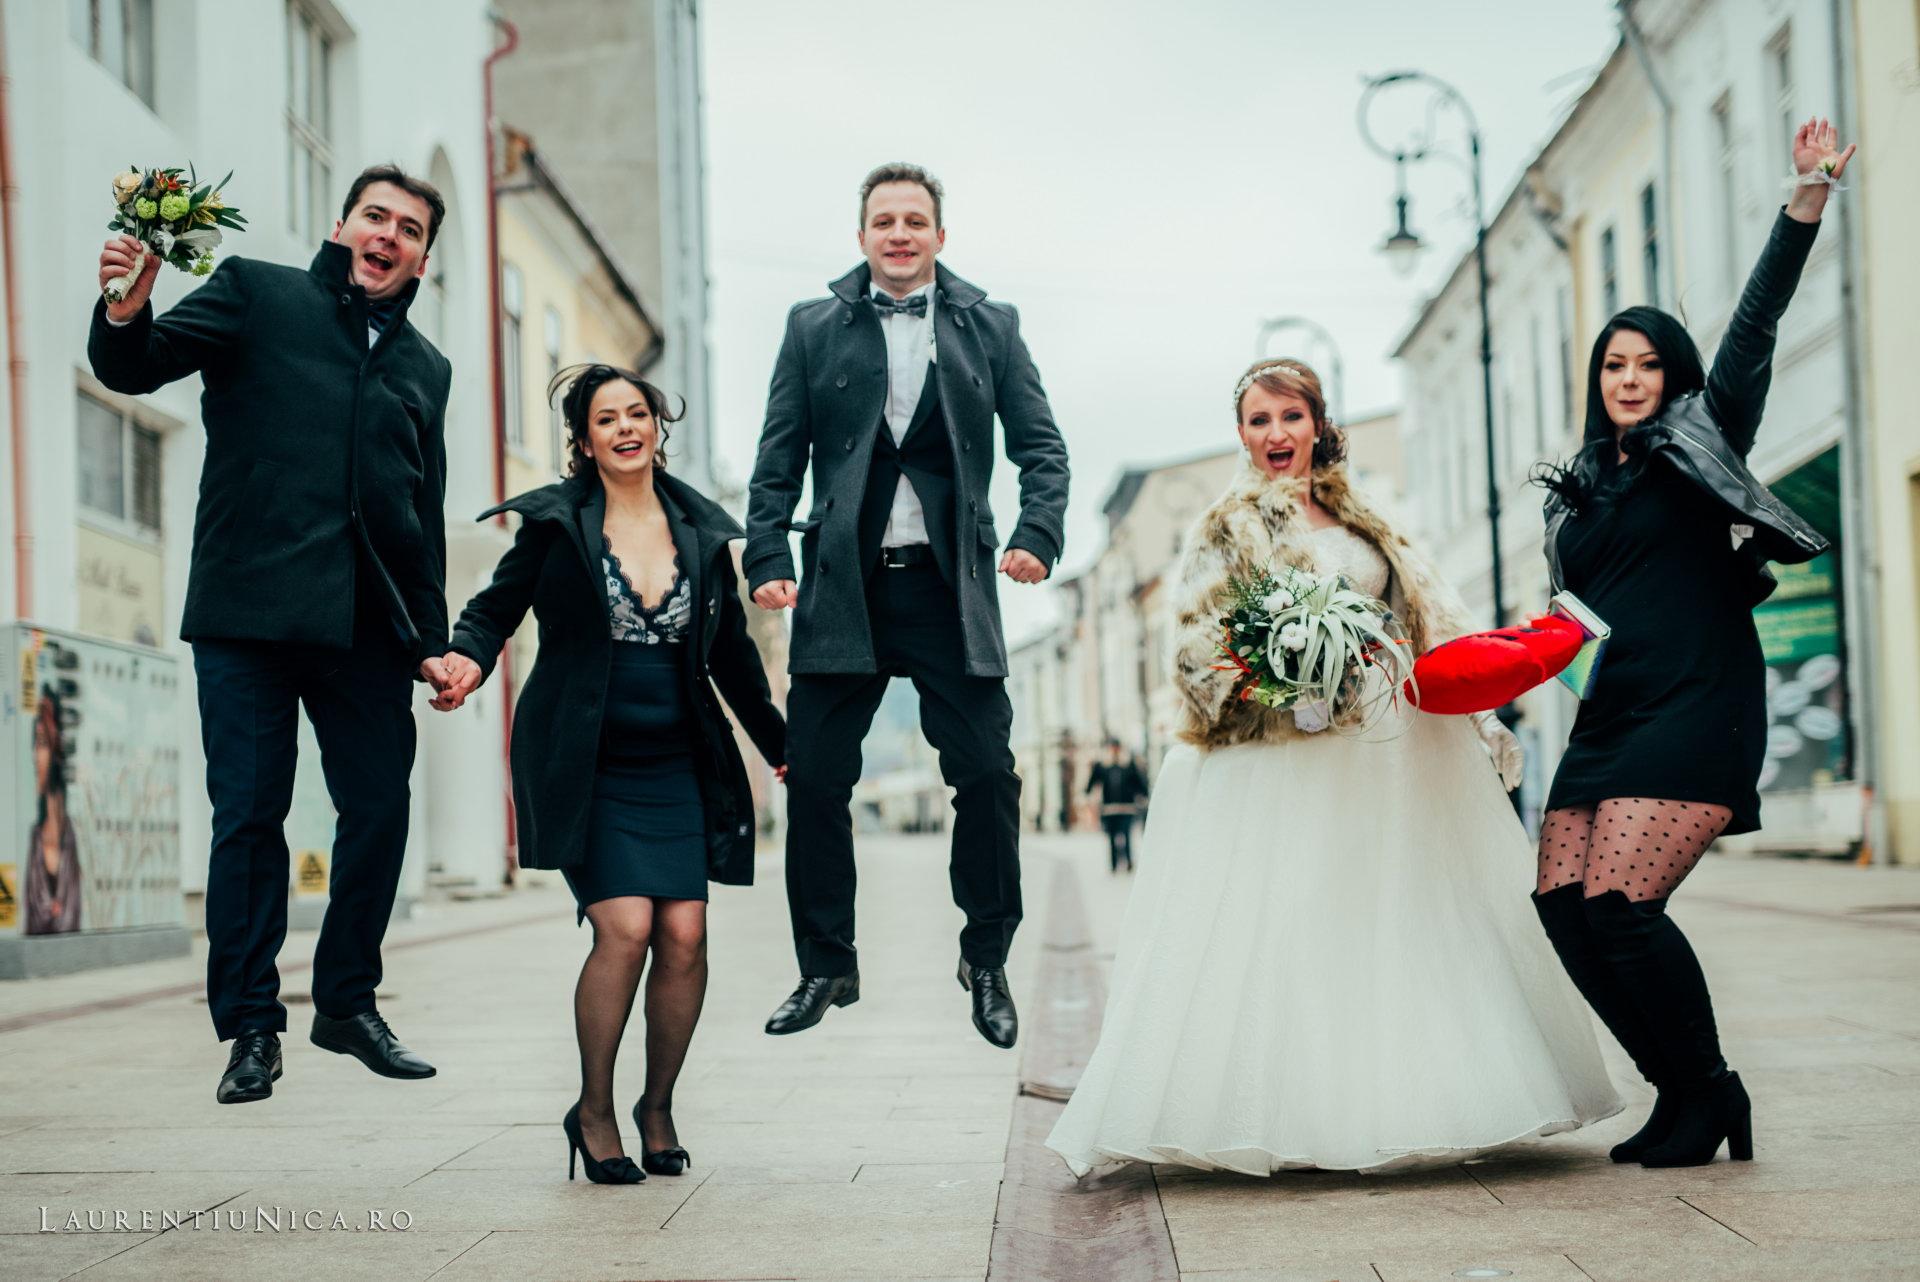 daniela si marius fotografii nunta craiova laurentiu nica35 - Daniela & Marius | Fotografii nunta